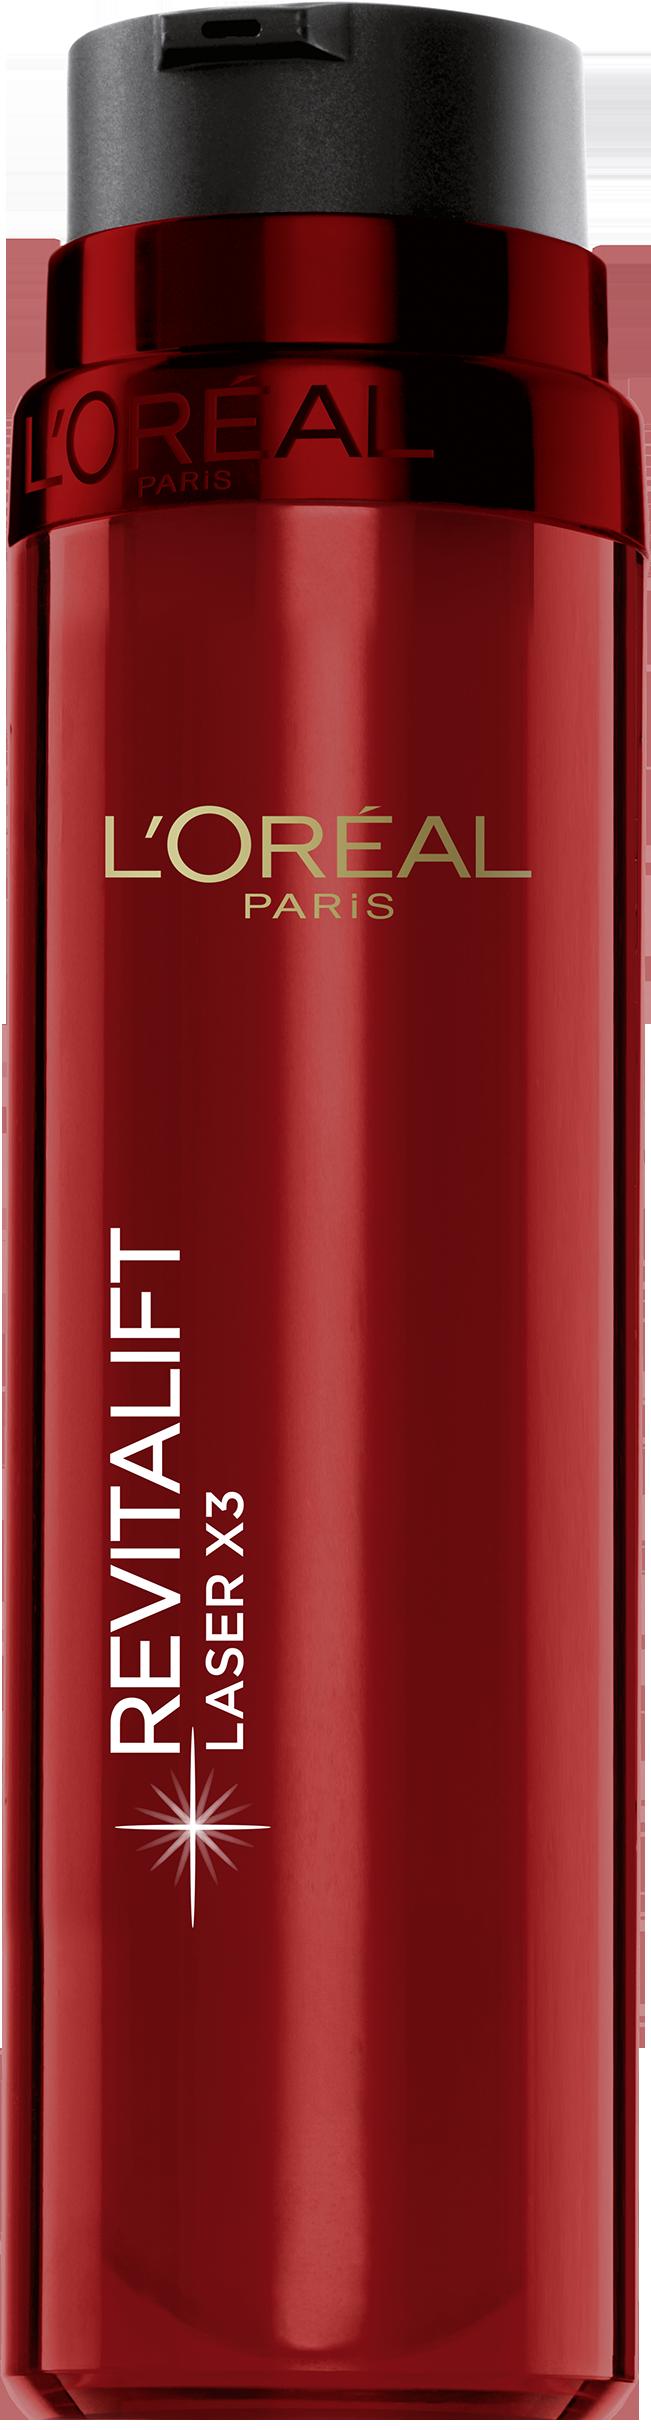 La nueva gama anti-edad de L'Oreal Paris 2